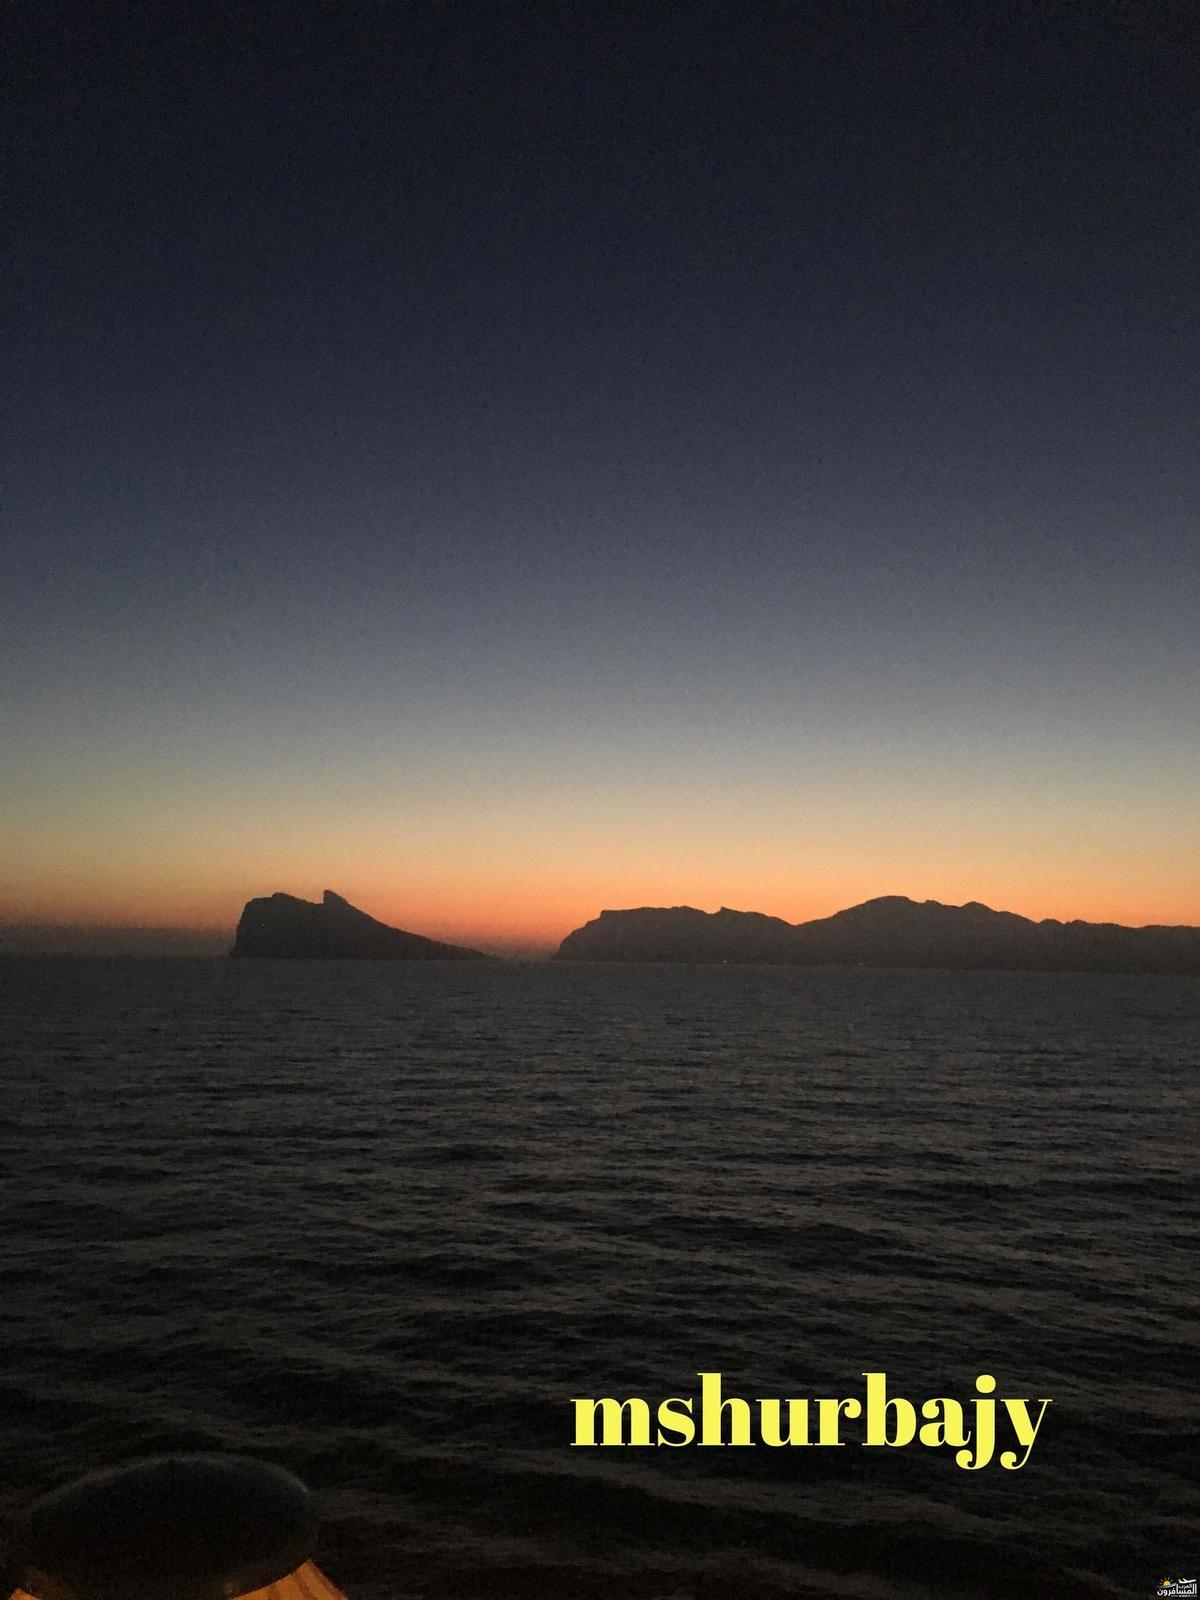 695653 المسافرون العرب الرحلة البحرية (الكروز) بين ايطاليا و فرنسا وأسبانيا